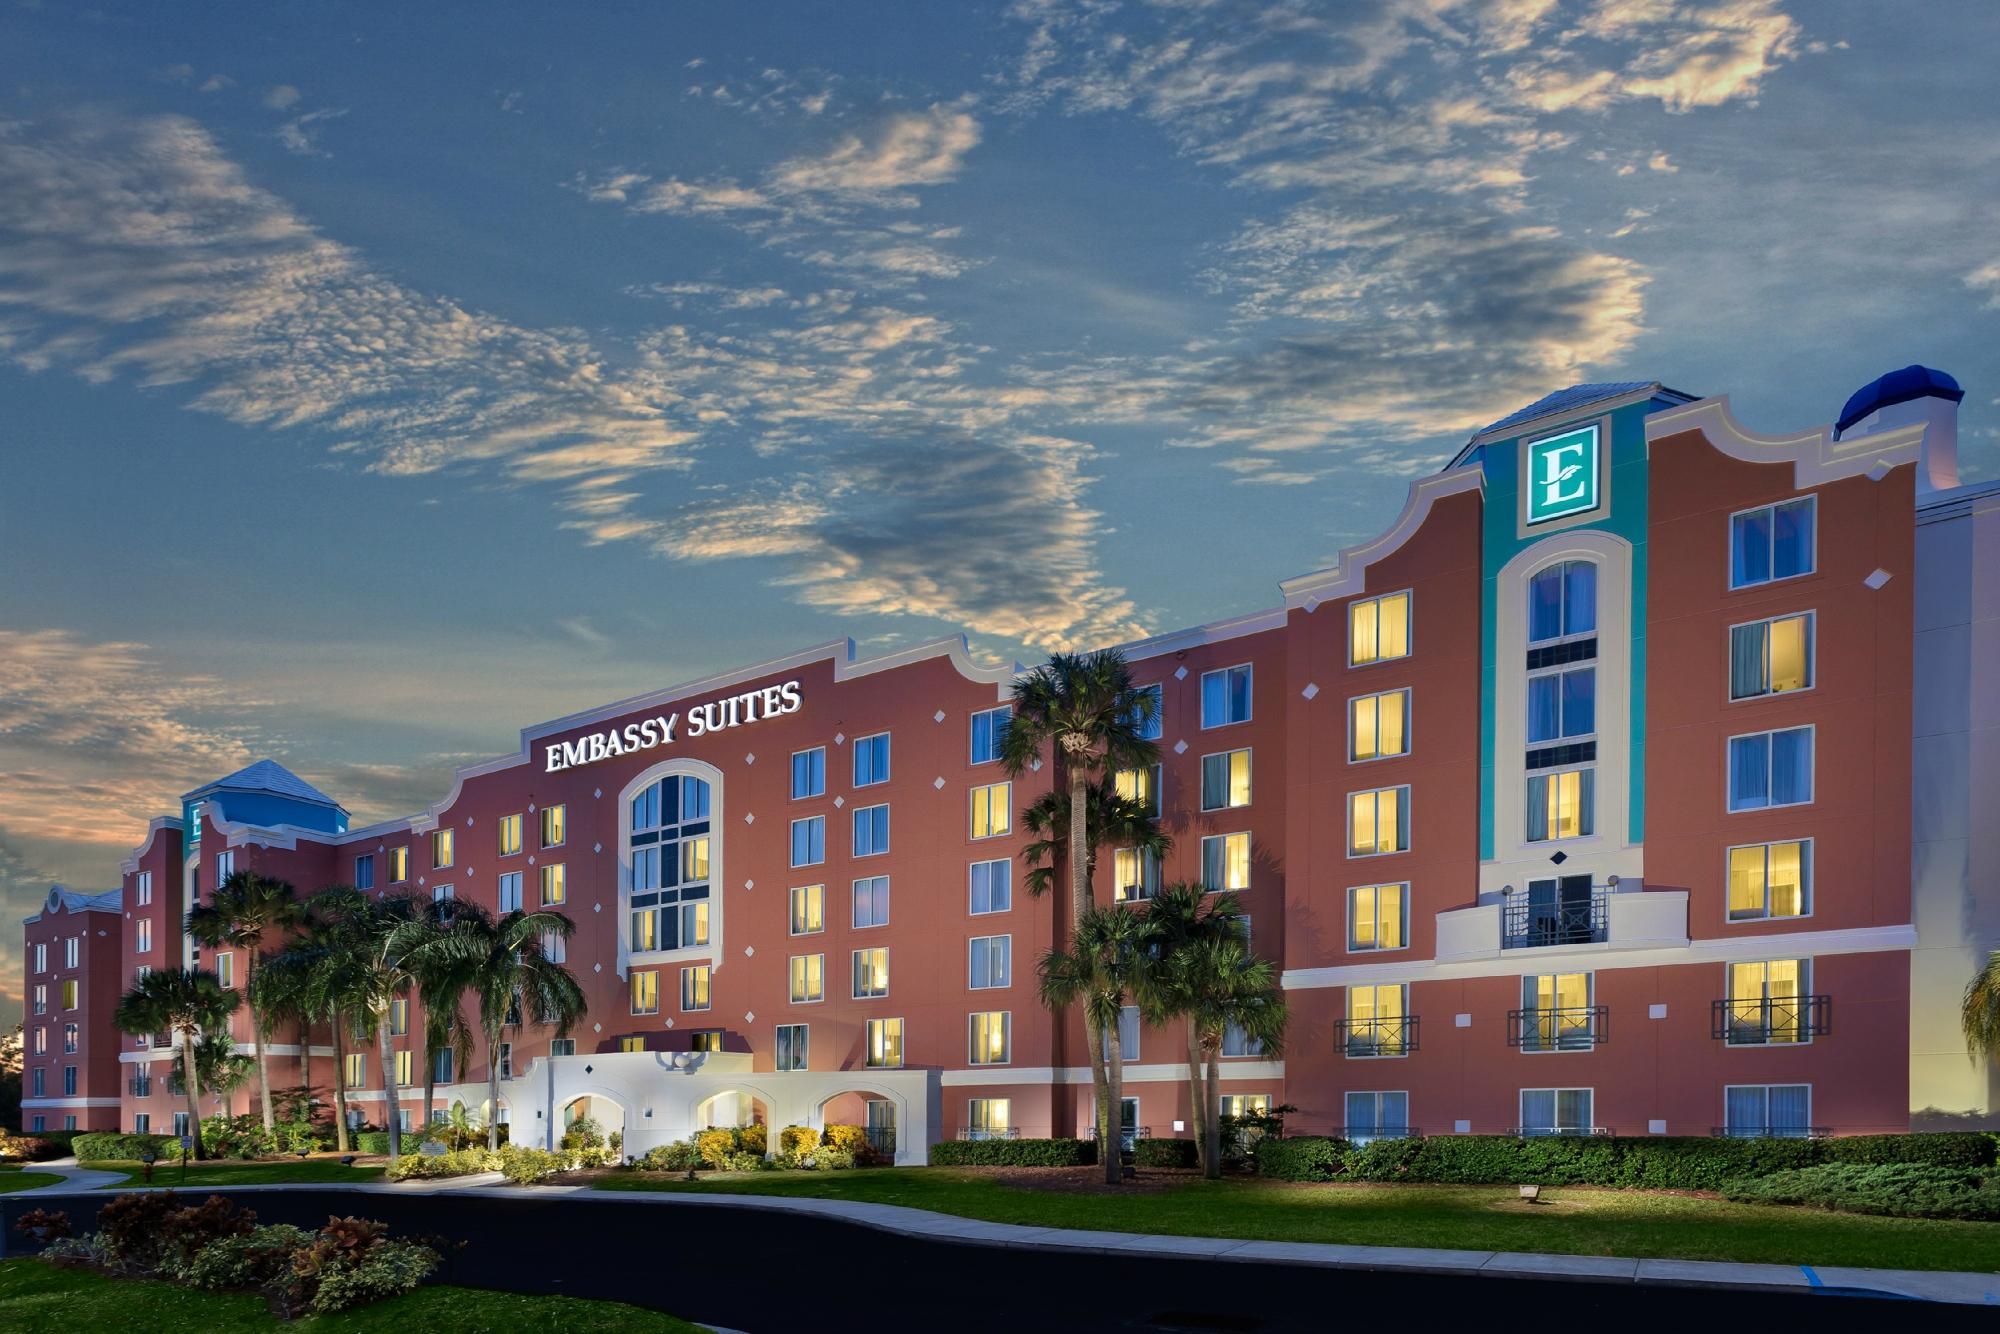 Embassy Suites by Hilton Orlando/Lake Buena Vista Resort